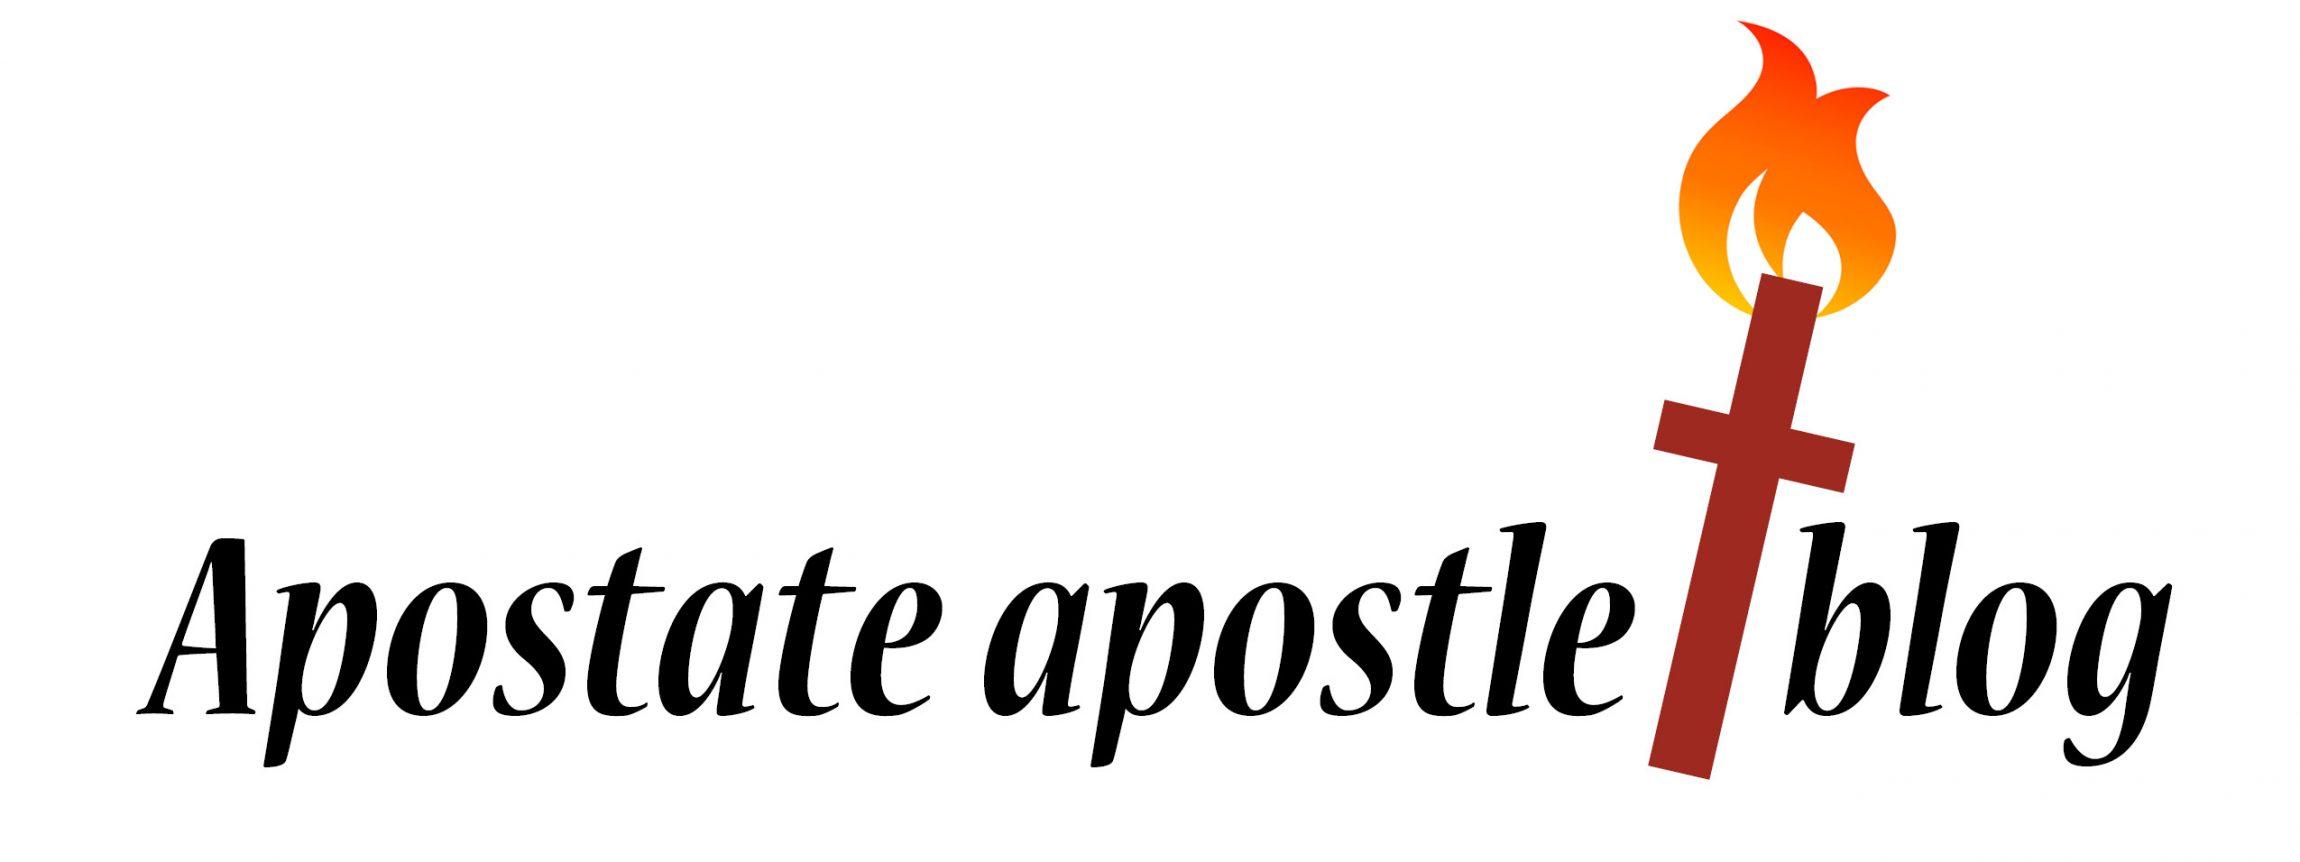 Apostate Apostle blog title w fire 11